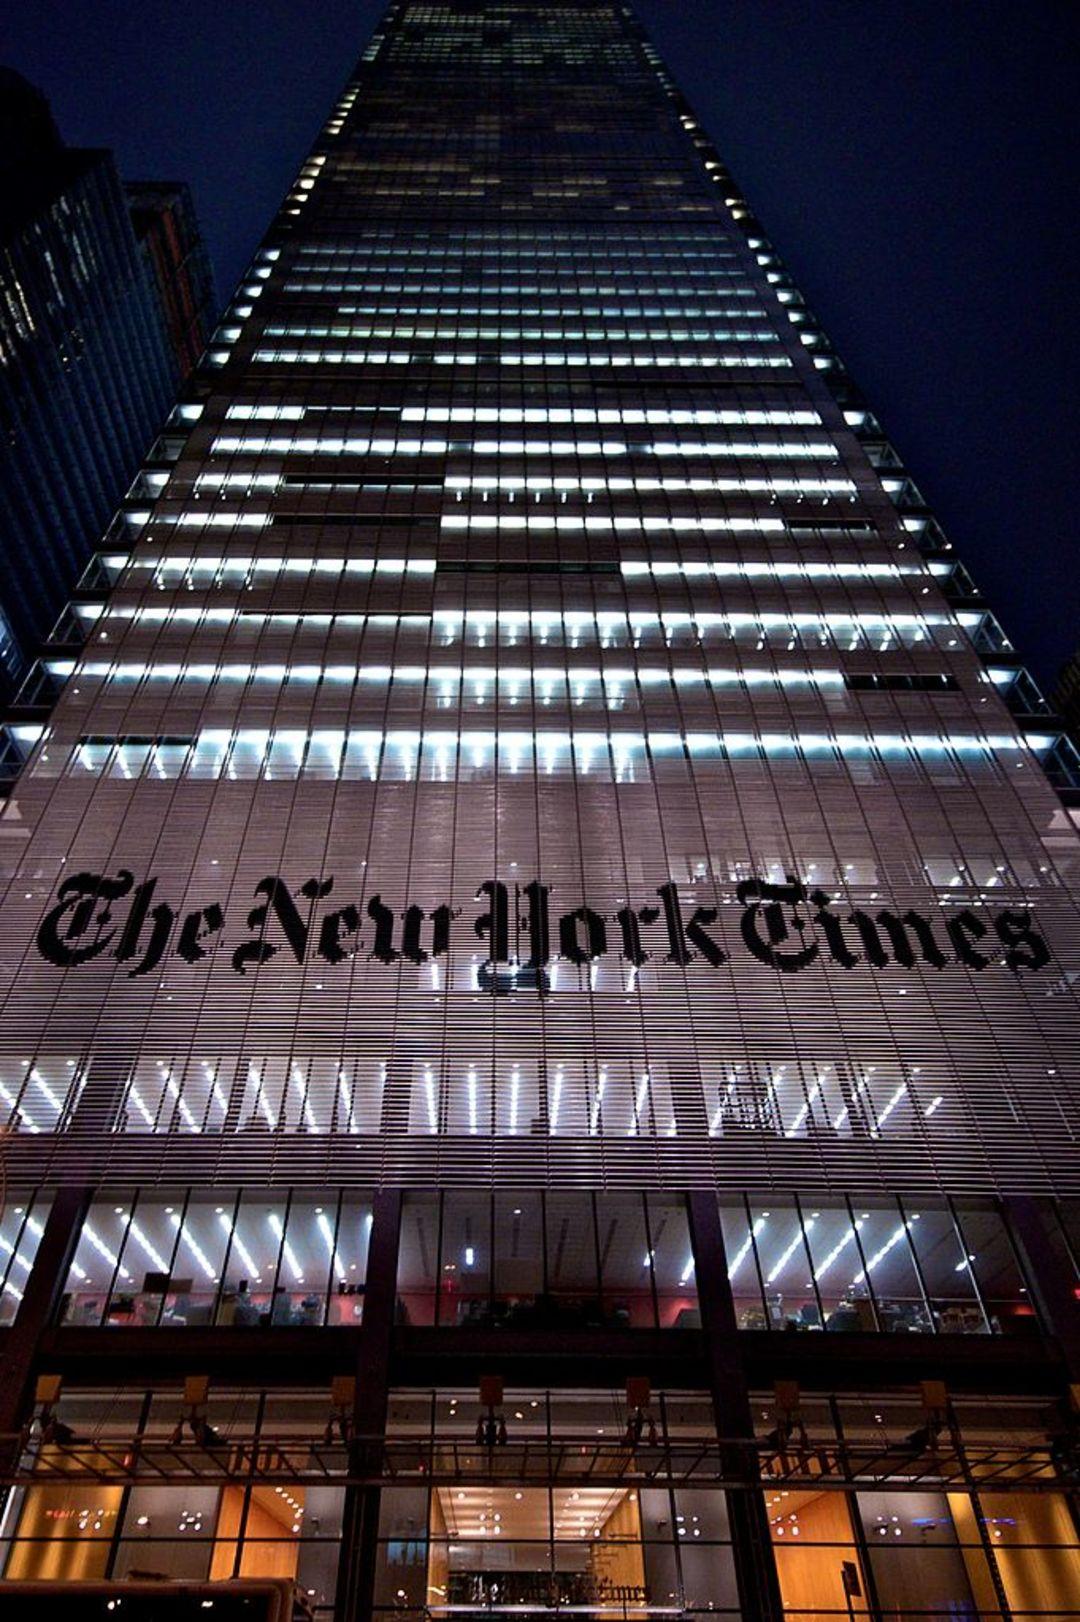 为什么报纸数字化那么难,而且全球都是这样?_商业_好奇心日报